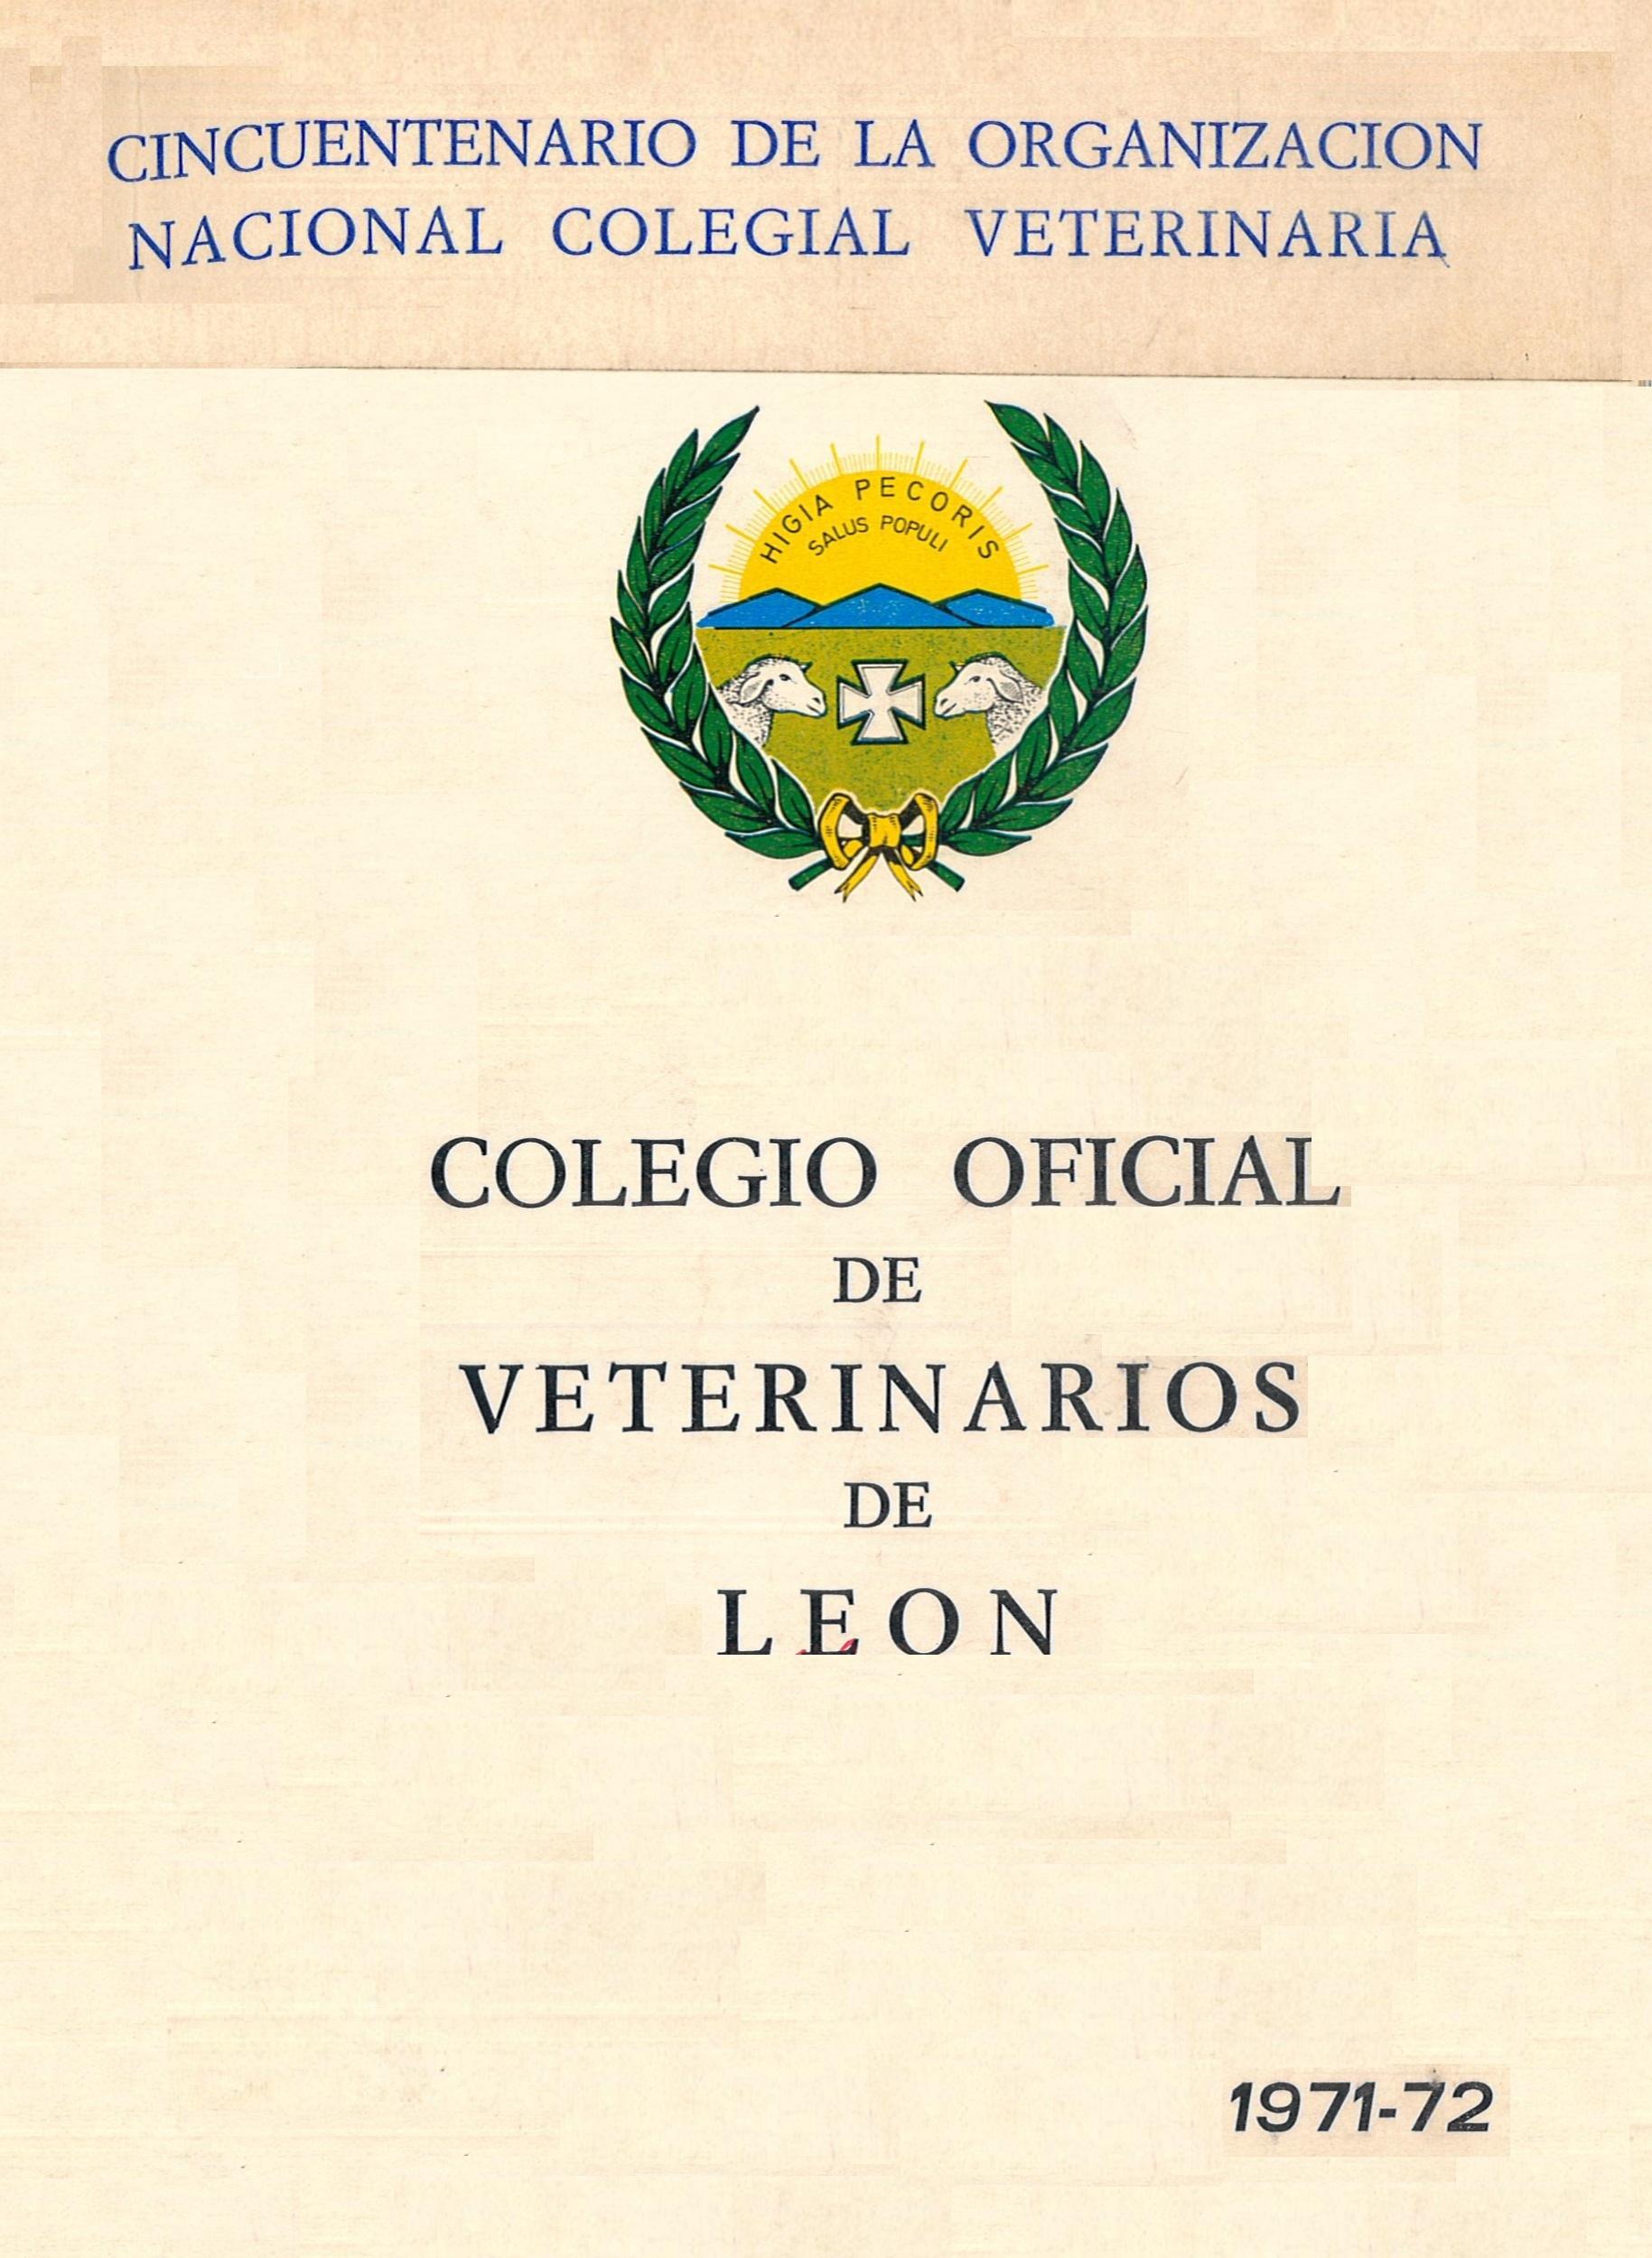 COLEGIO OFICIAL DE VETERINARIOS DE LEÓN. Cincuentenario de la Organización Nacional Colegial Veterinaria. Curso: 1971-72.